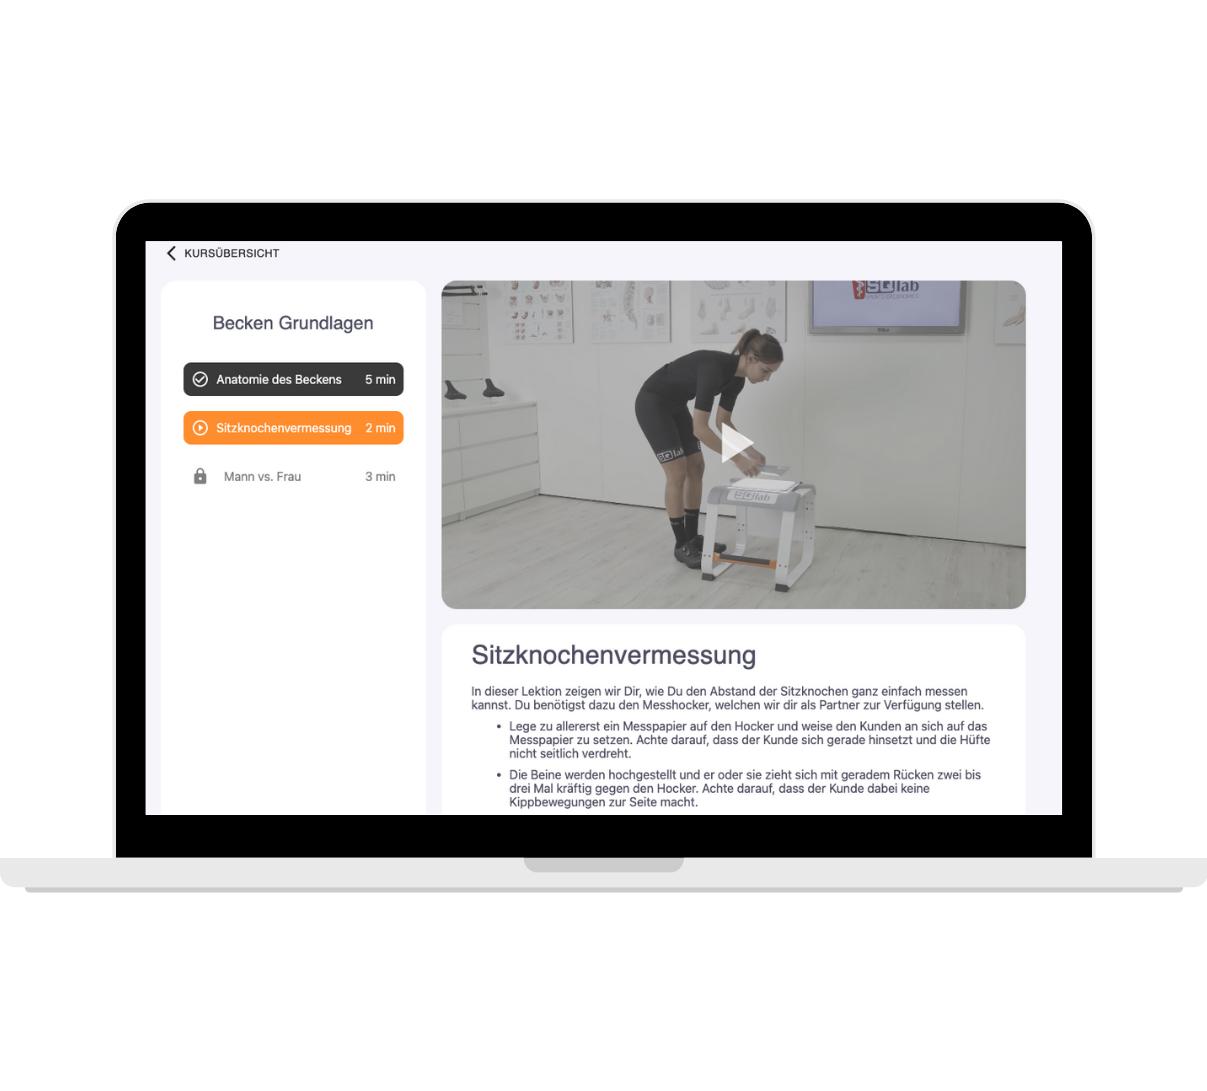 iQlab ist eine E-Learning-Plattform, die digitale Schulungen von Fahrrad-Verkäufer:innen zur Ergonomie ermöglicht.